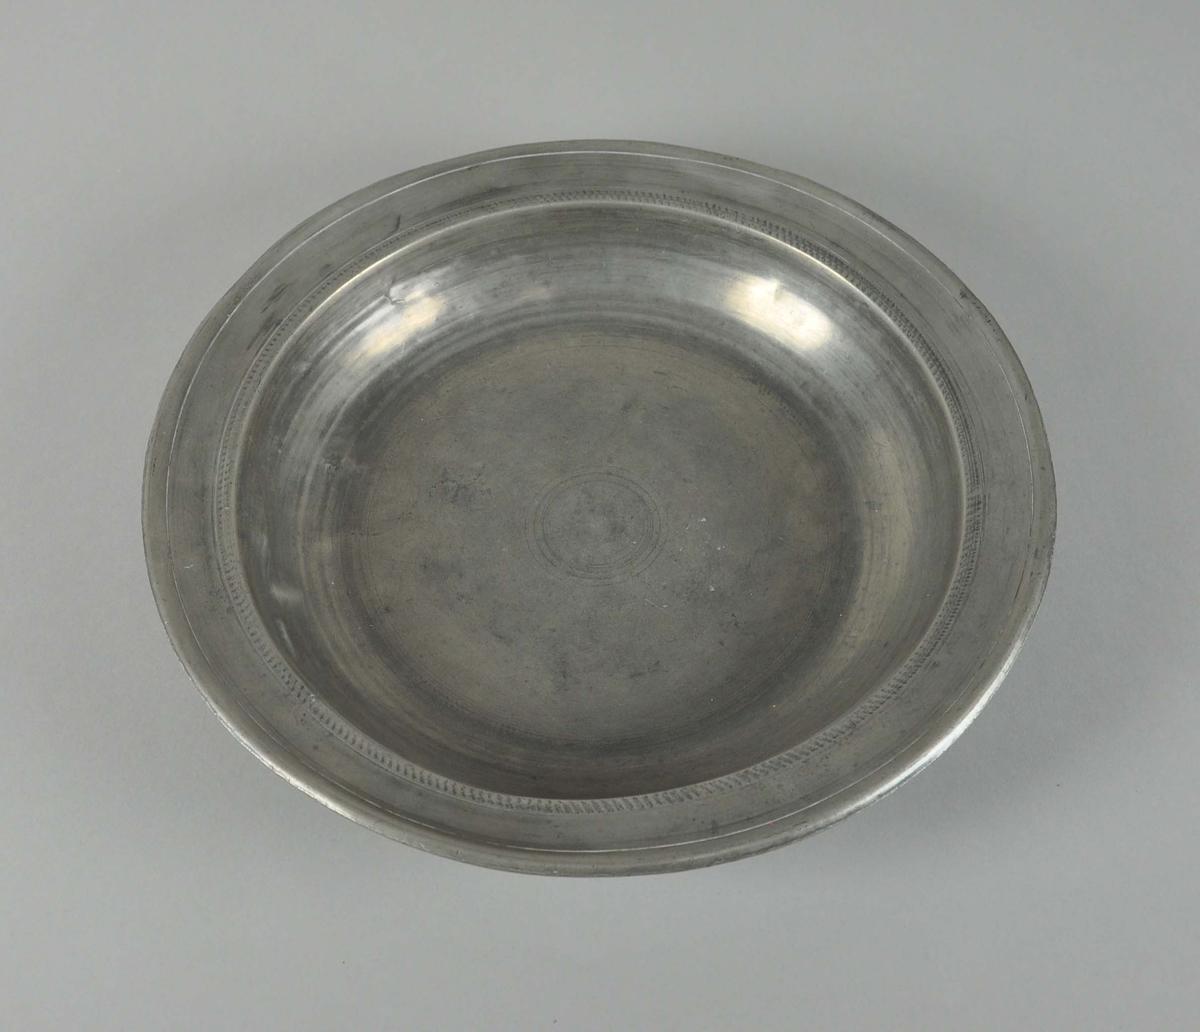 Rundt fat av tinn. Fatet har opphøyd og utstående kant, konsentriske sirkler er dekorativt risset inn i fatet. Metallet er noe bulket.